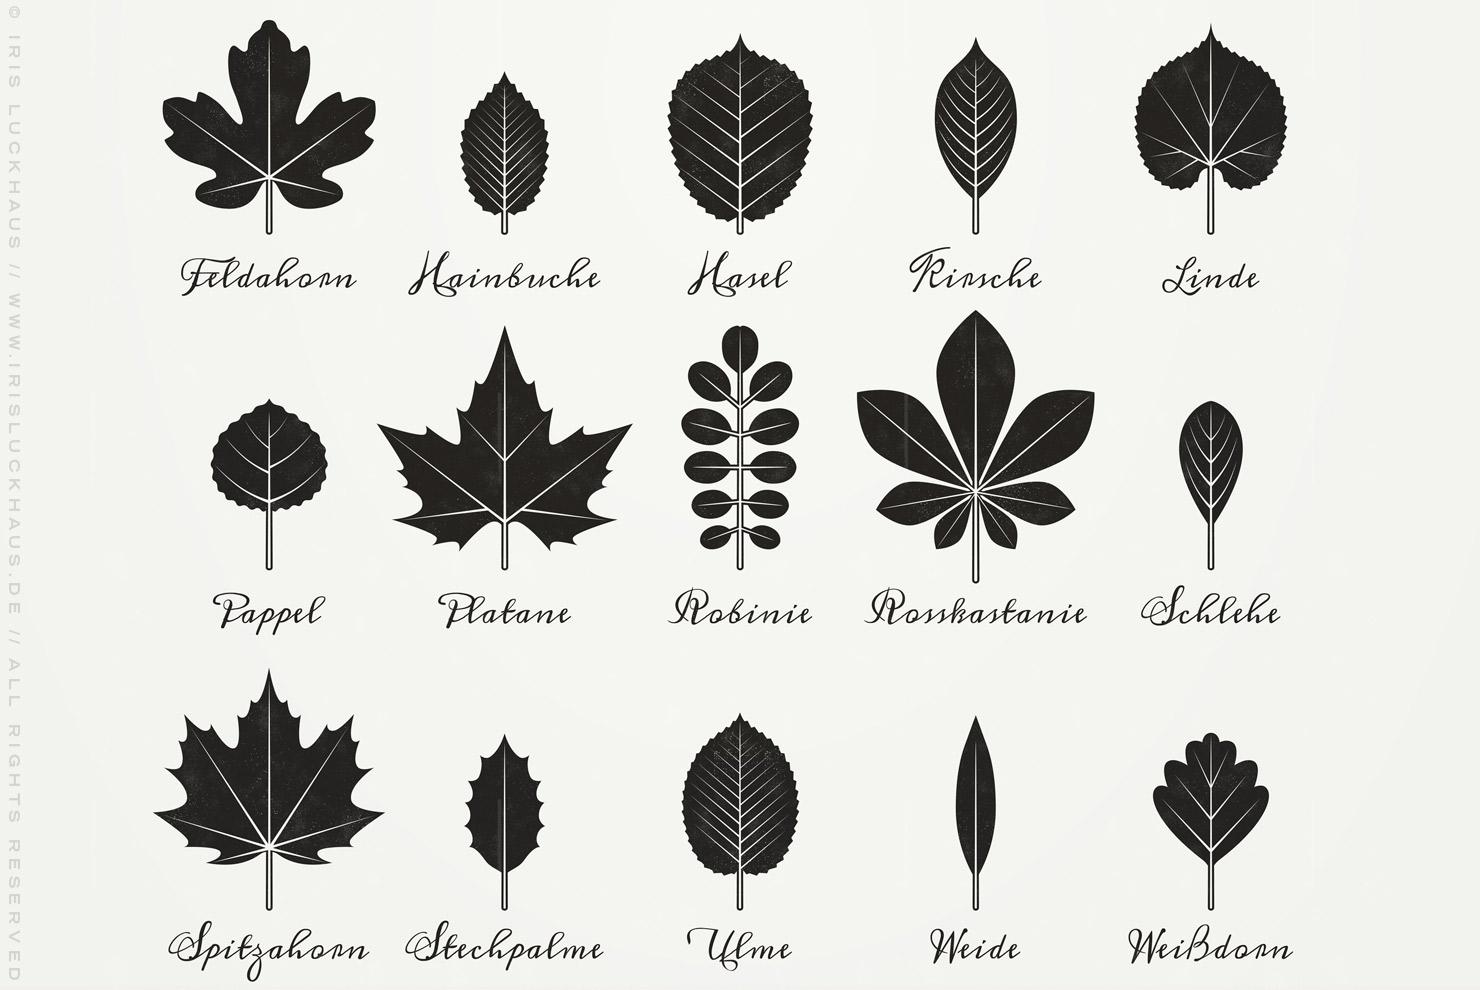 Infografik zur Bestimmung heimischer Blattformen und der Blätter von Bäumen mit Handschrift